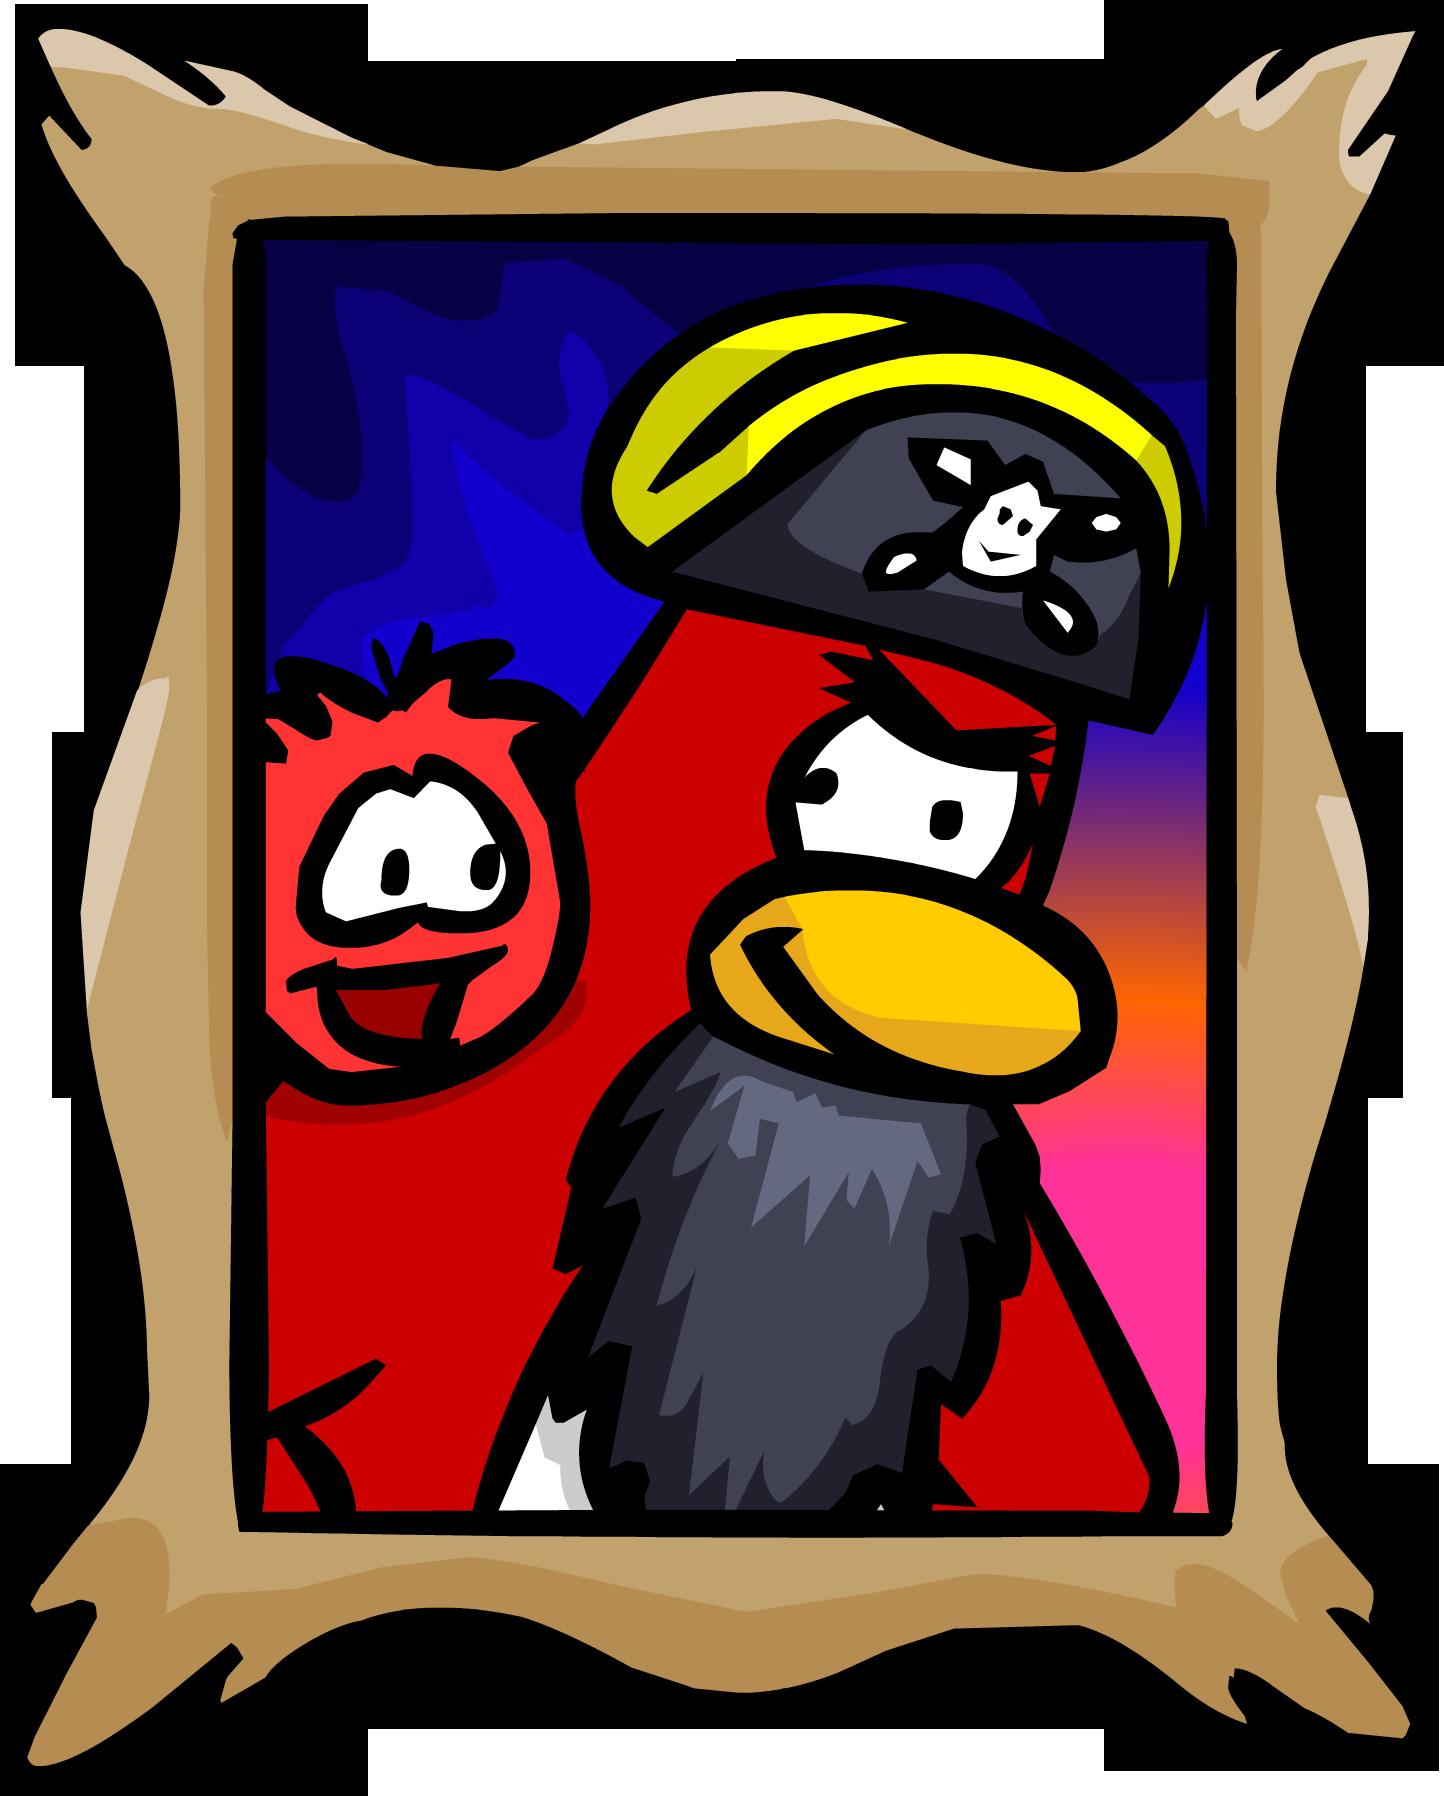 Resultado de imagem para rockhopper 2008 club penguin